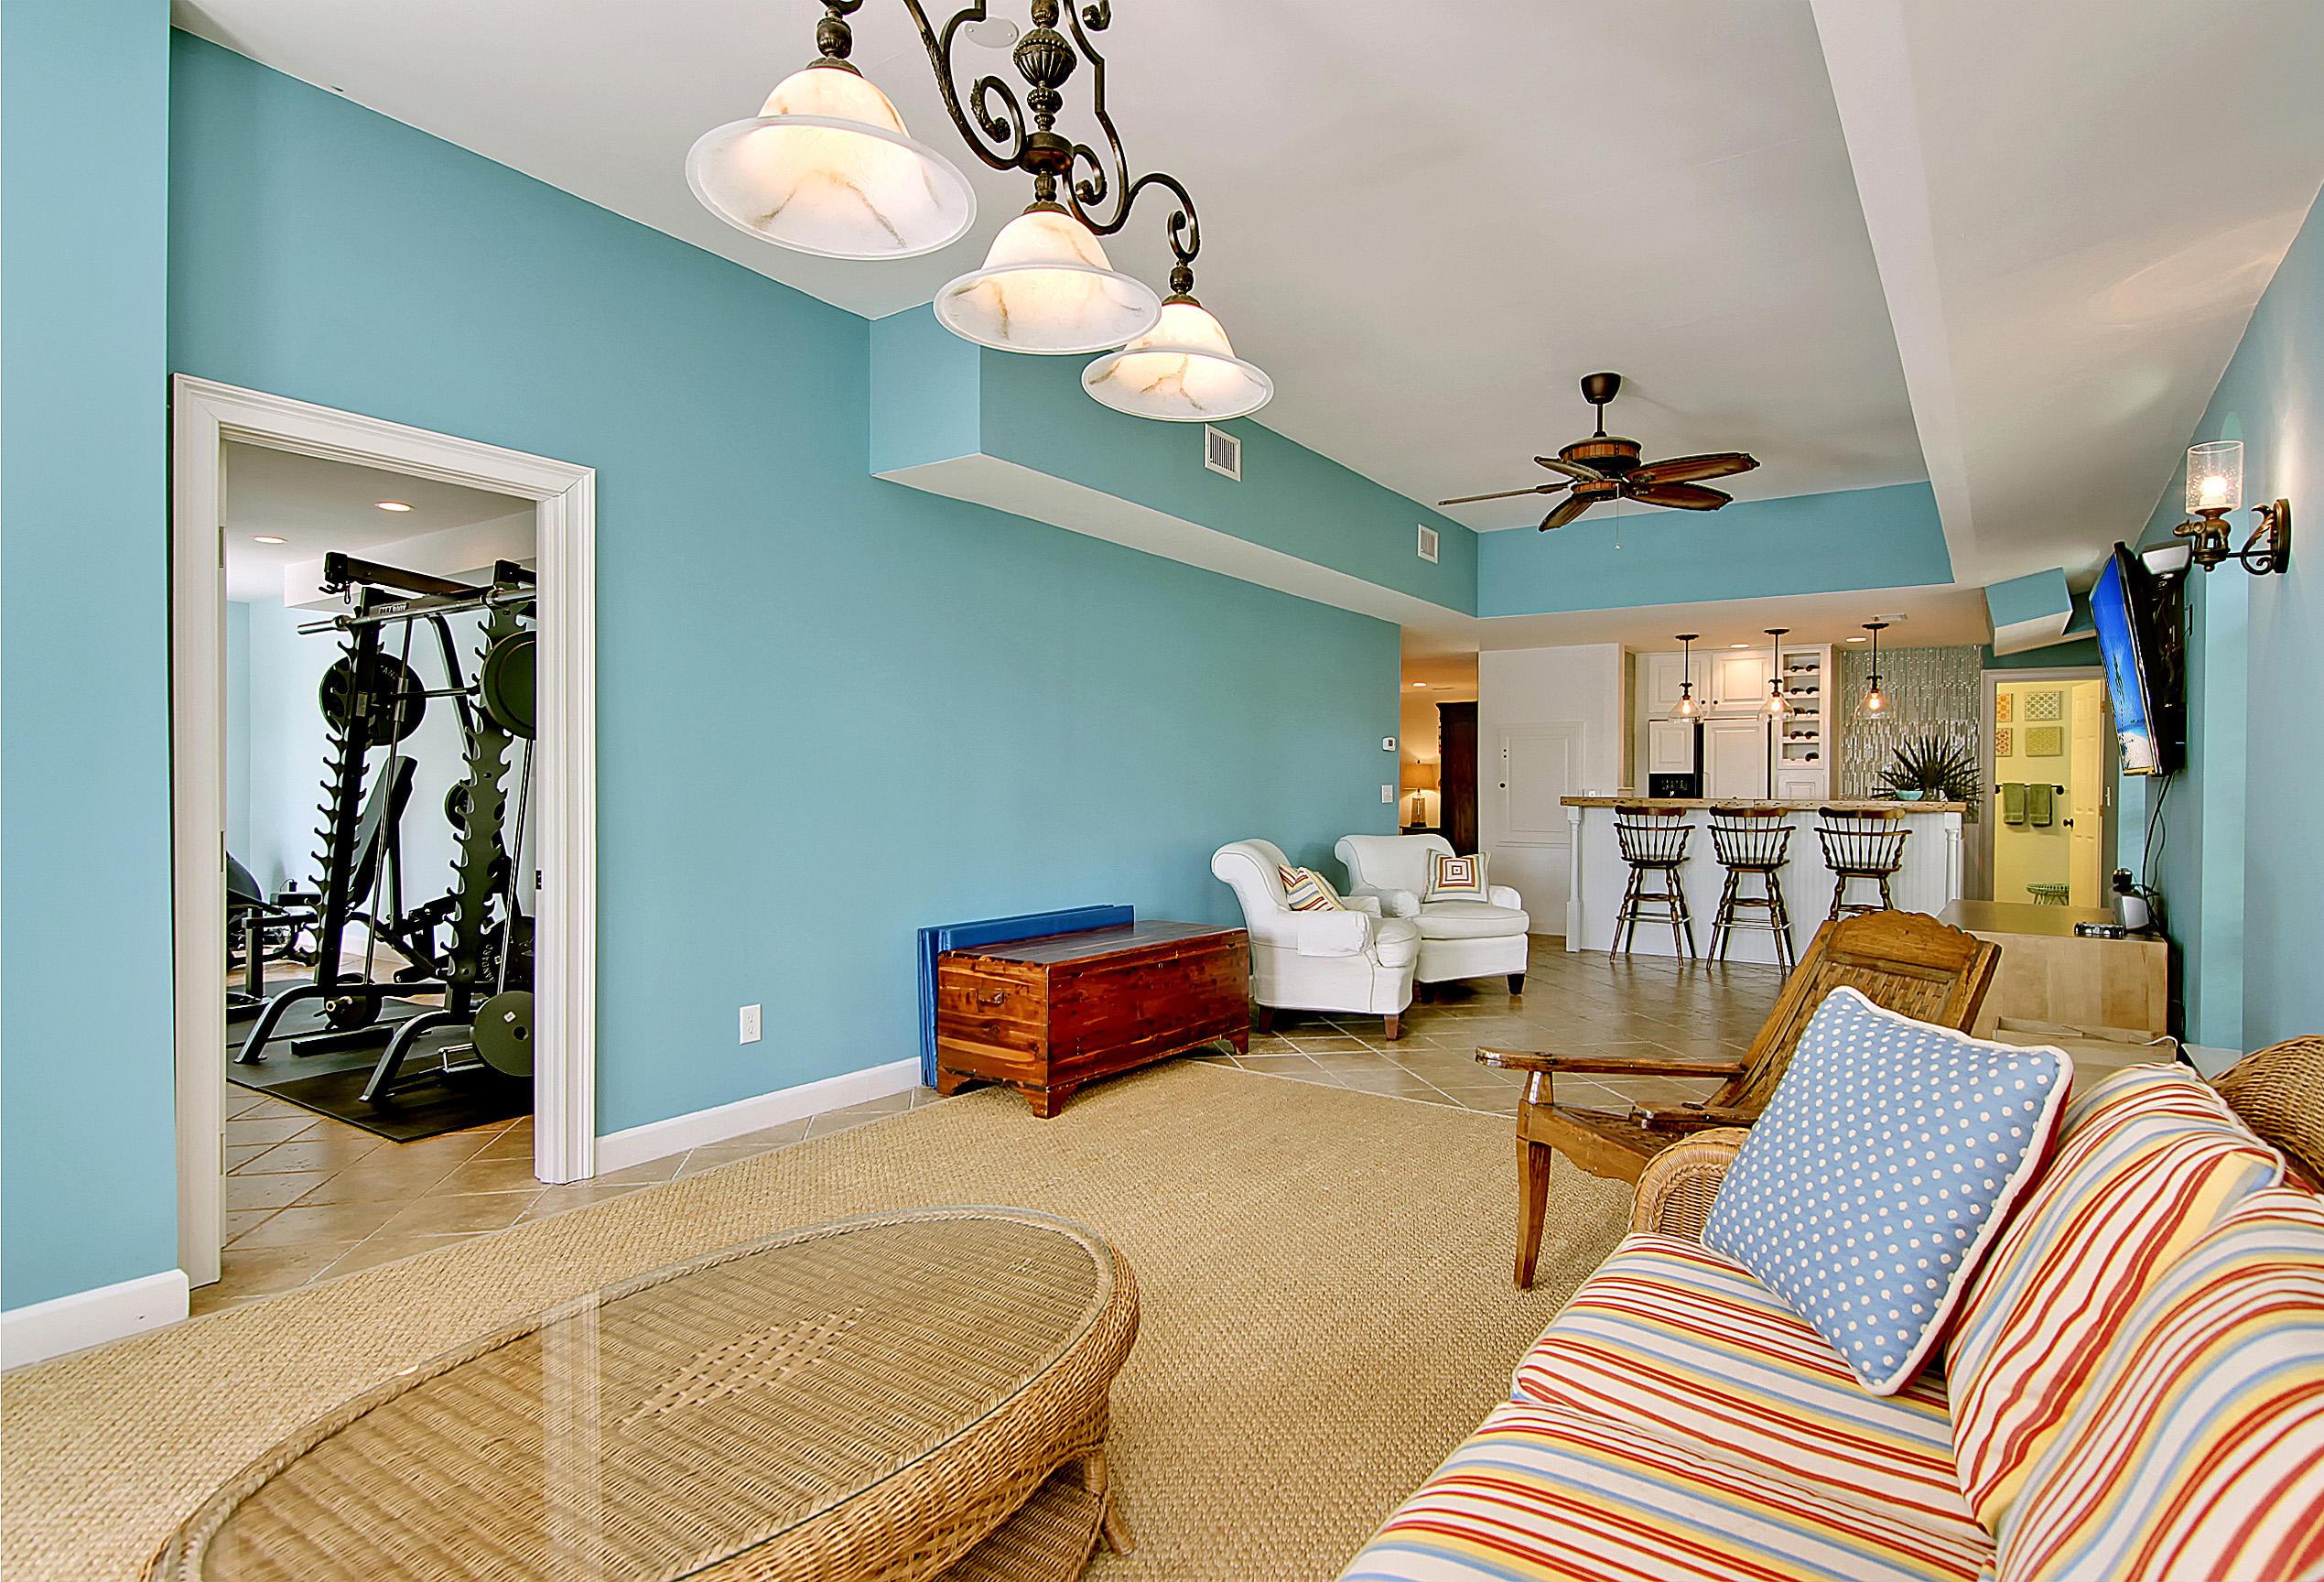 Dunes West Homes For Sale - 2282 Captain Waring, Mount Pleasant, SC - 4